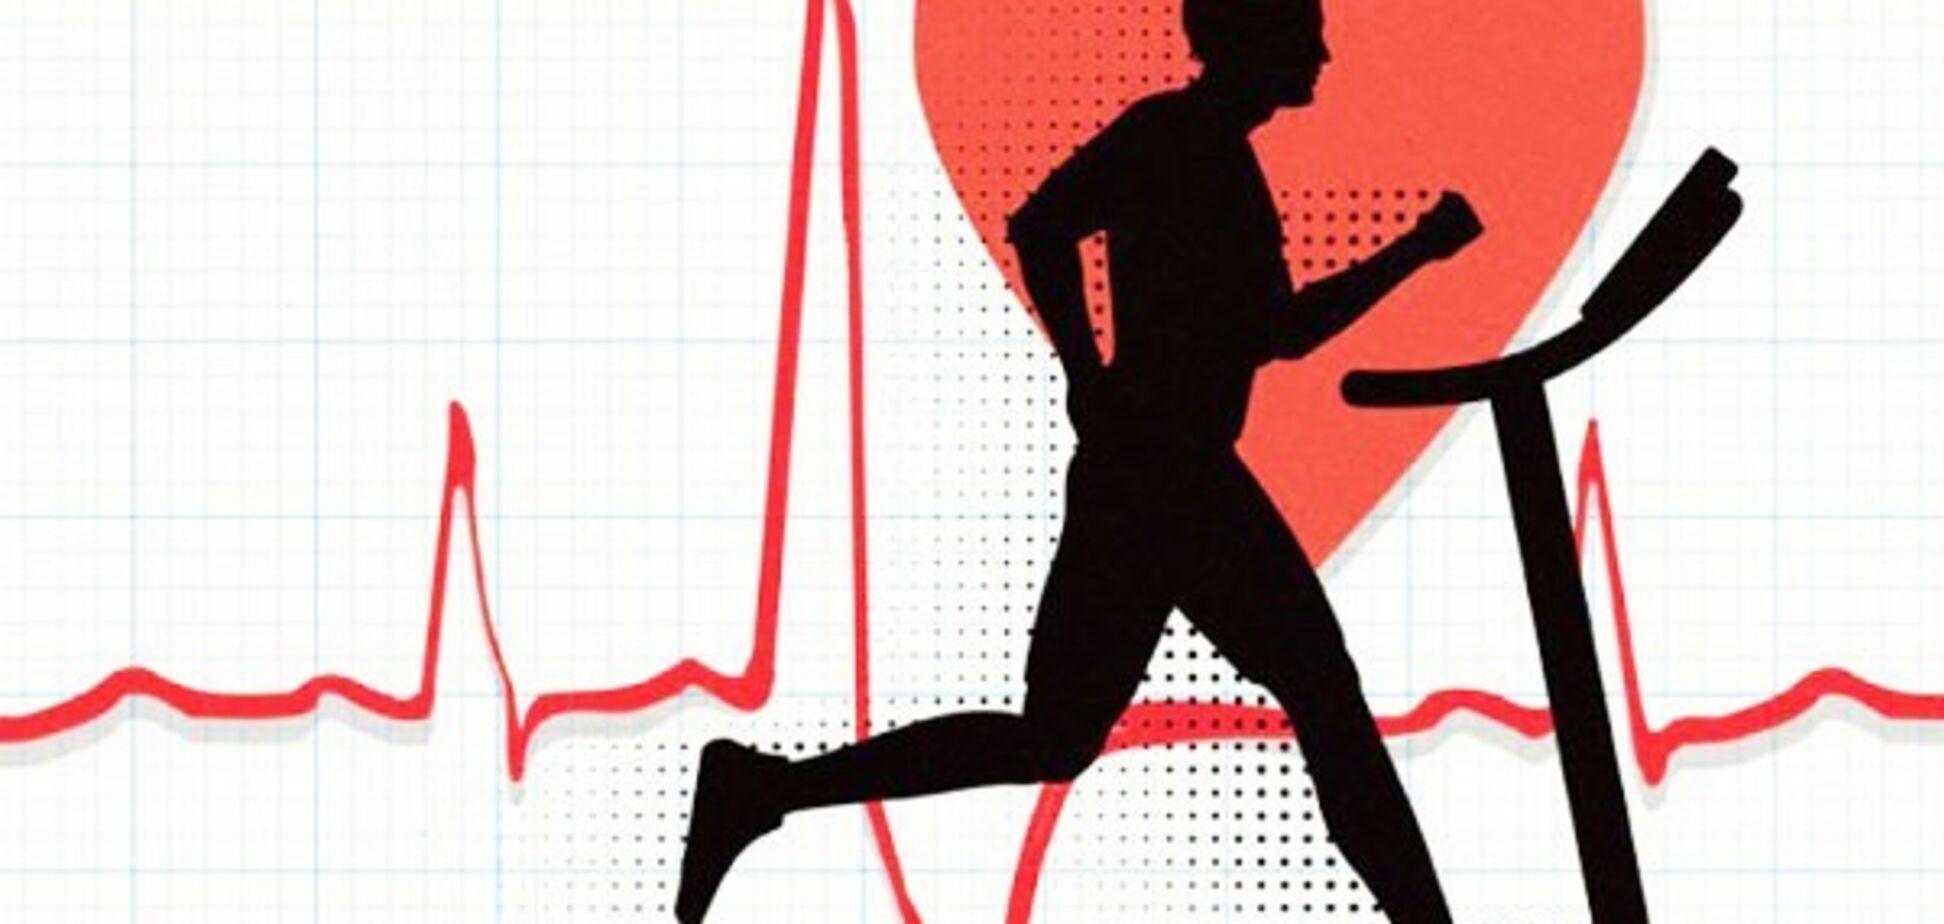 Изменить образ жизни – первое, что должен сделать пациент после операции на сердце или инфаркта